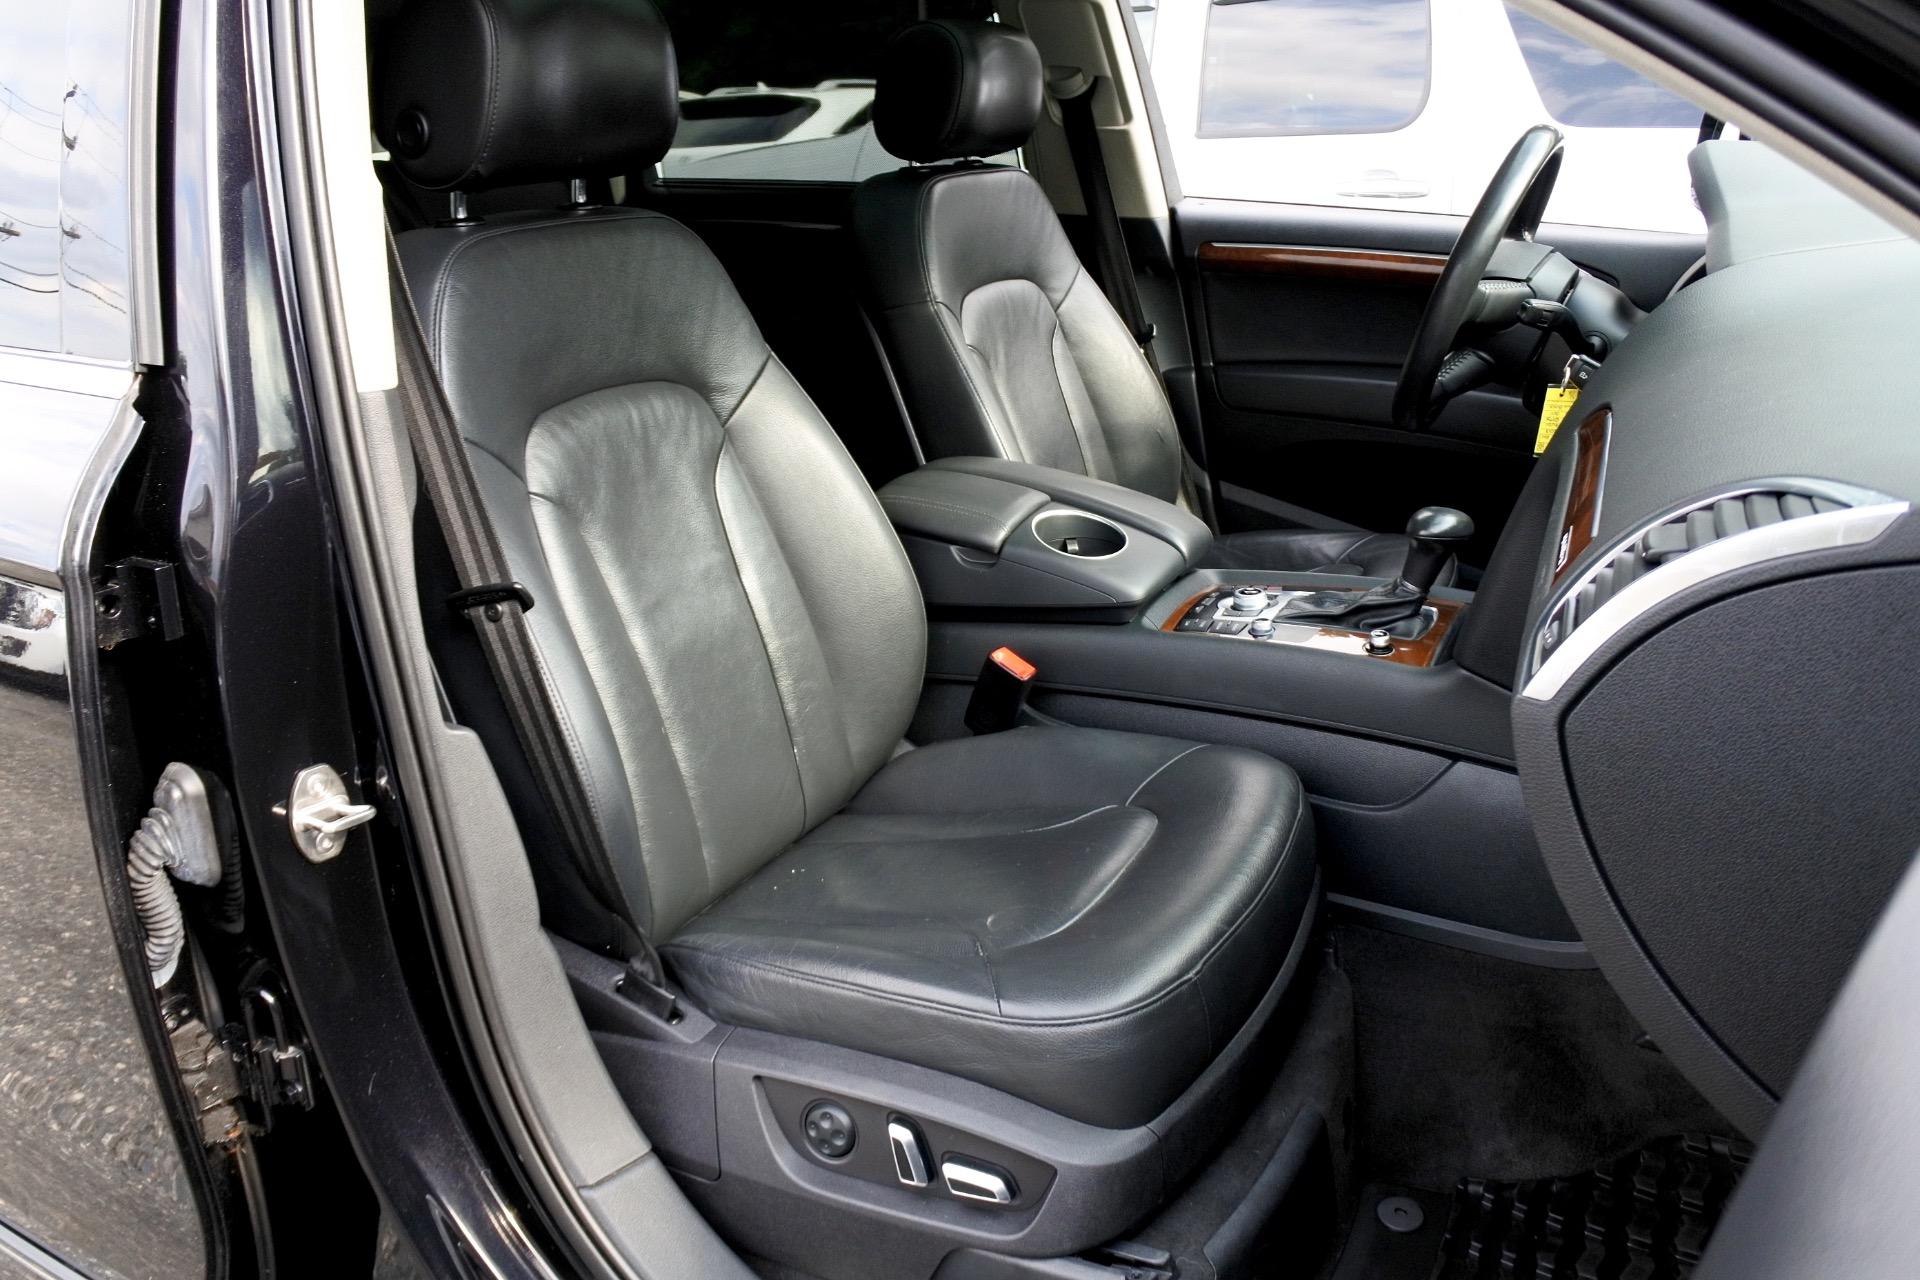 Used 2013 Audi Q7 TDI Premium Plus Used 2013 Audi Q7 TDI Premium Plus for sale  at Metro West Motorcars LLC in Shrewsbury MA 24